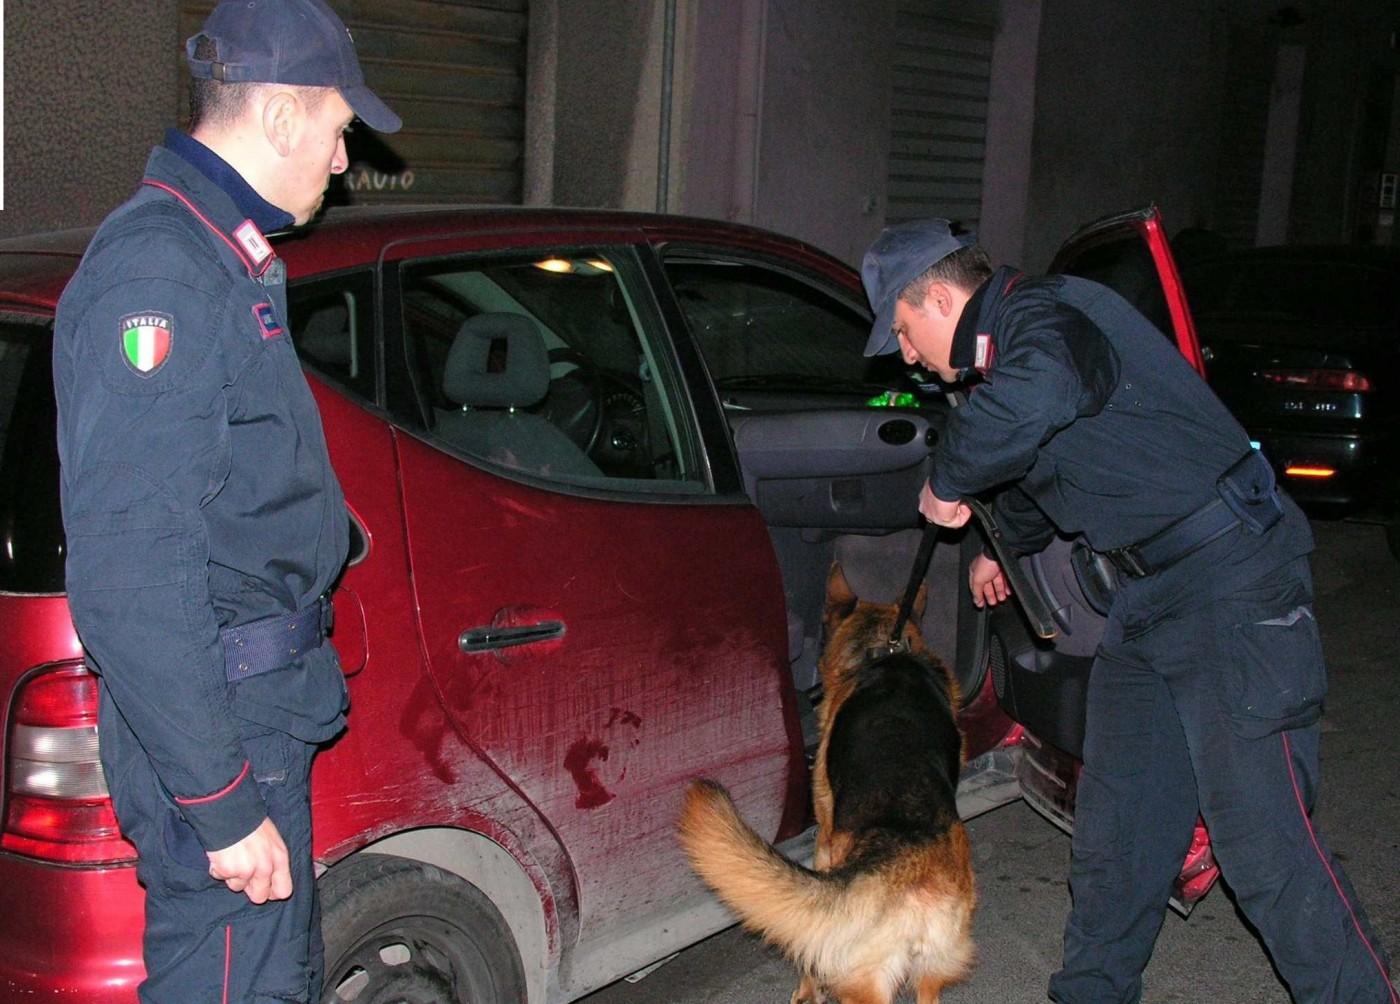 Spaccio di droga e detenzione di armi, denunce e segnalazioni in Valle Caudina